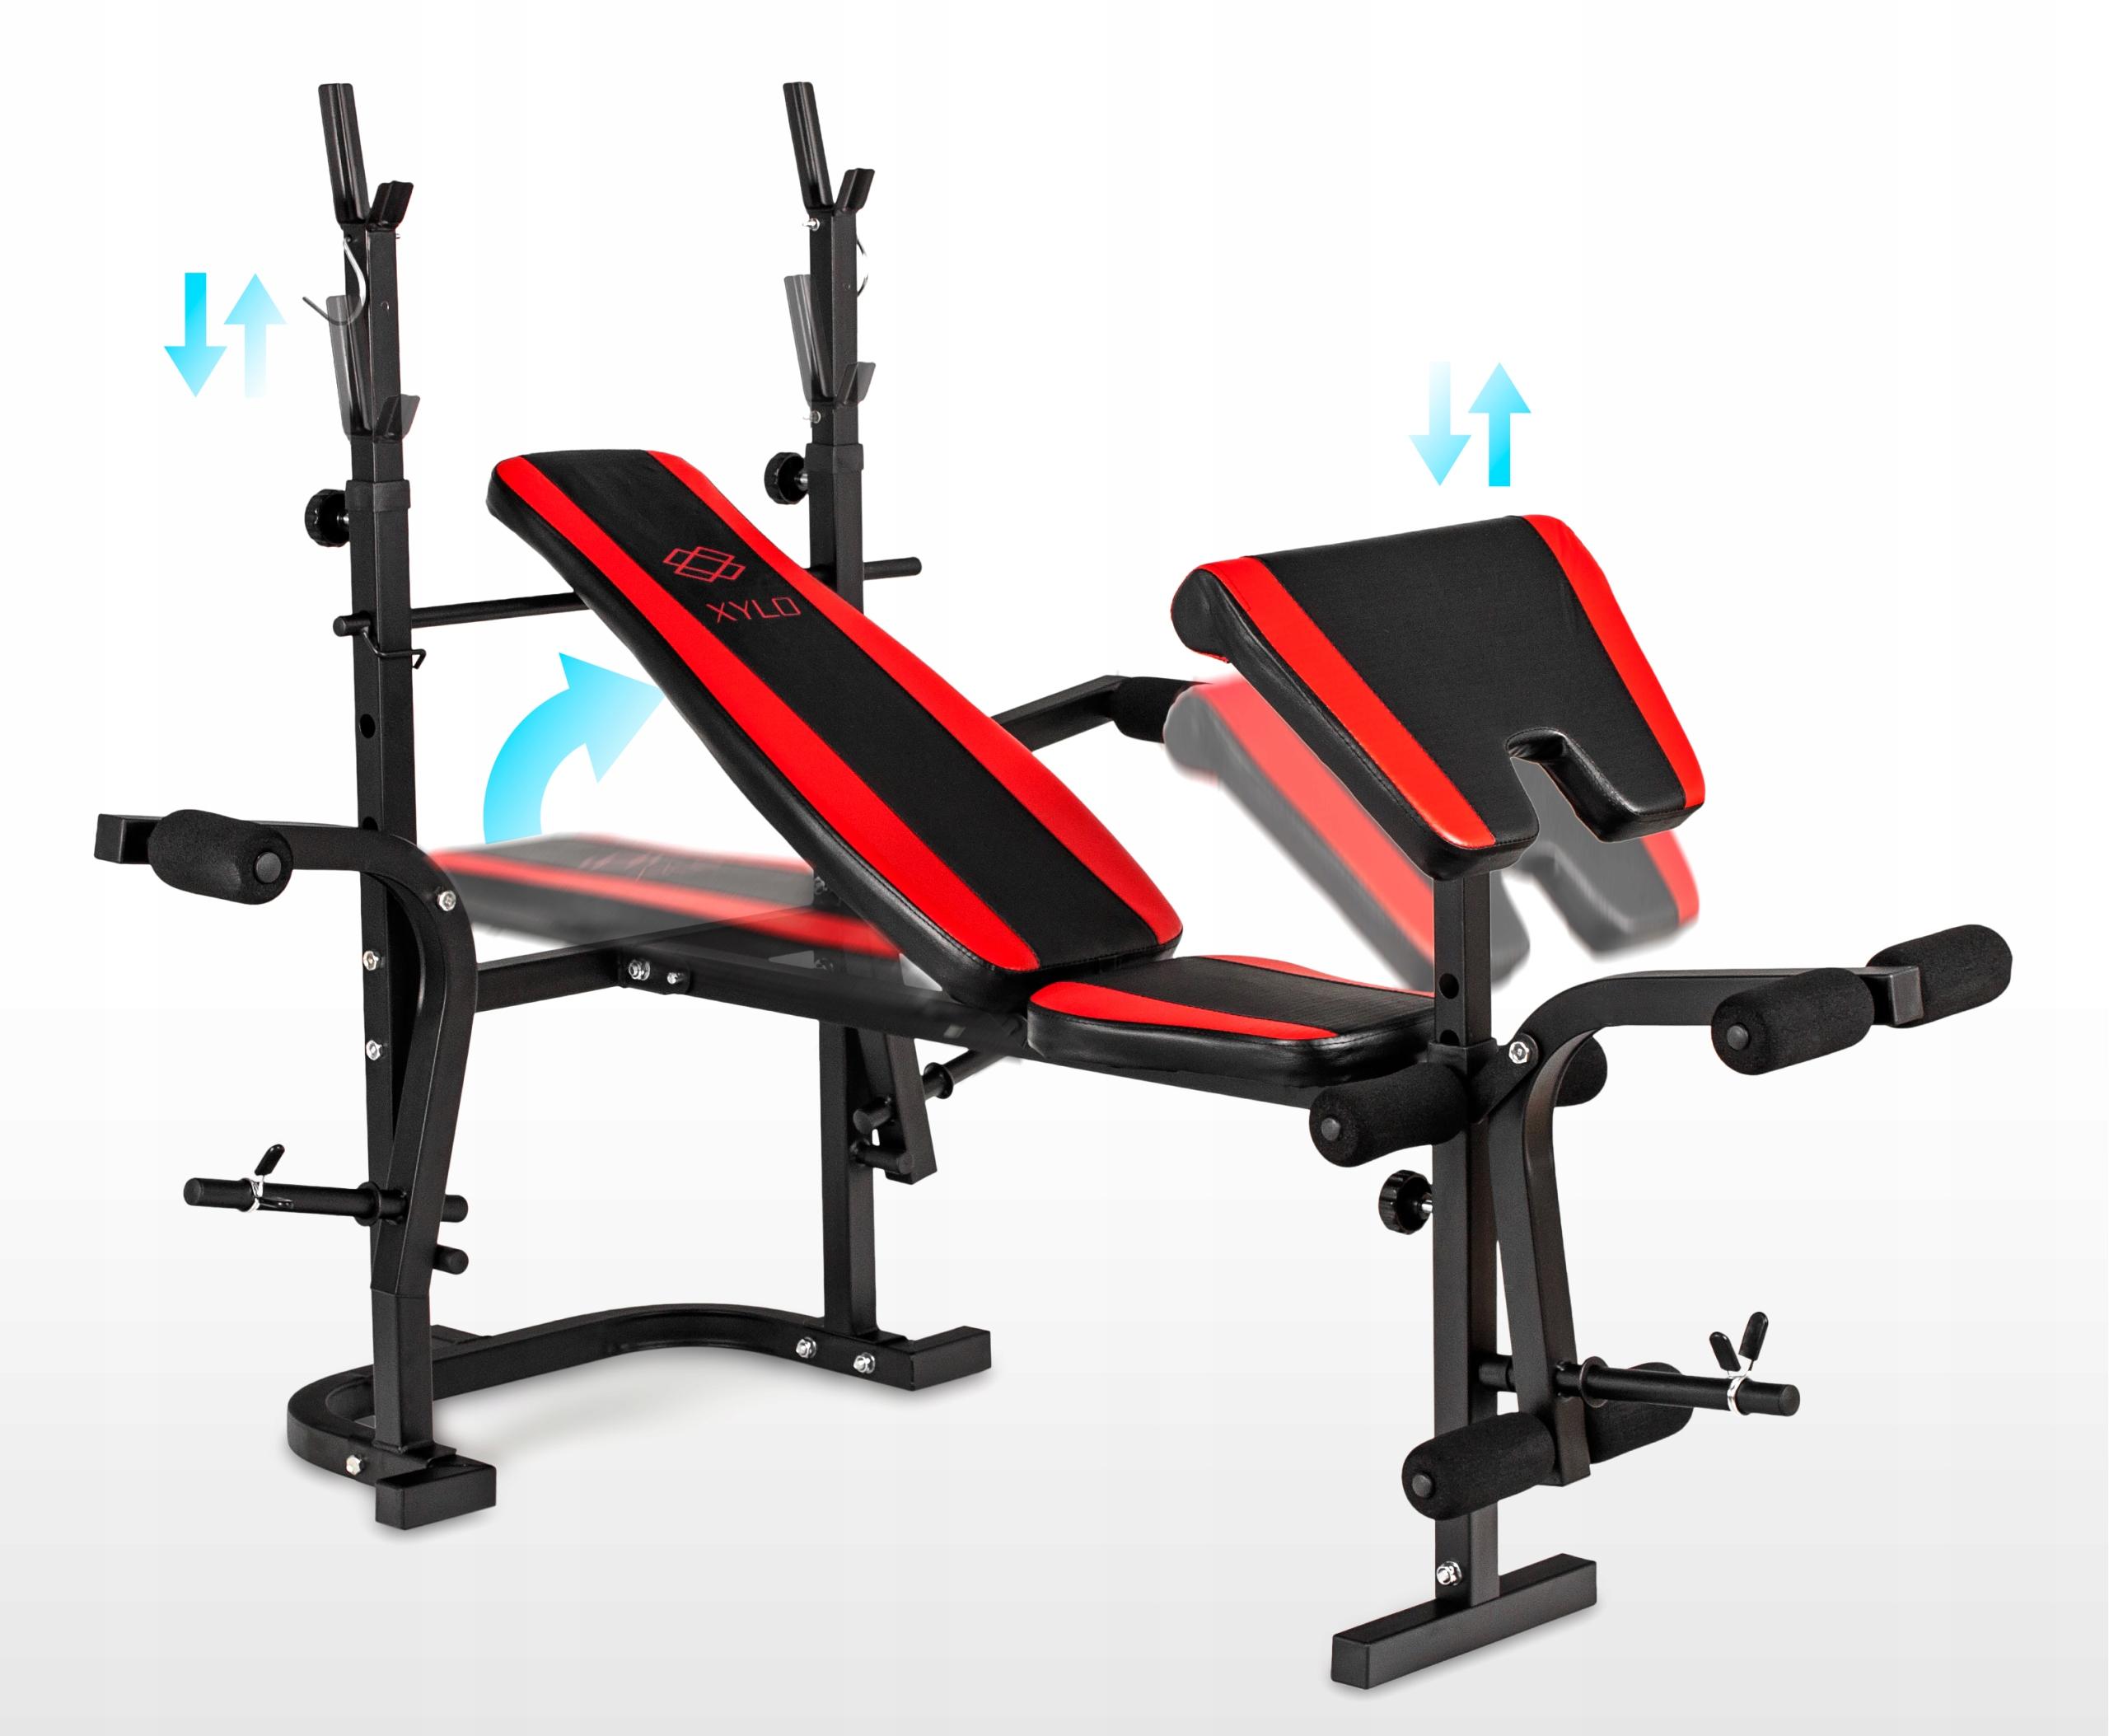 Xylo siłownia 191 kg zestaw ŁAWKA+GRYFY+OBCIĄŻENIA Wyposażenie dodatkowe modlitewnik prasa do nóg stacja motylkowa/rozpiętki stojaki